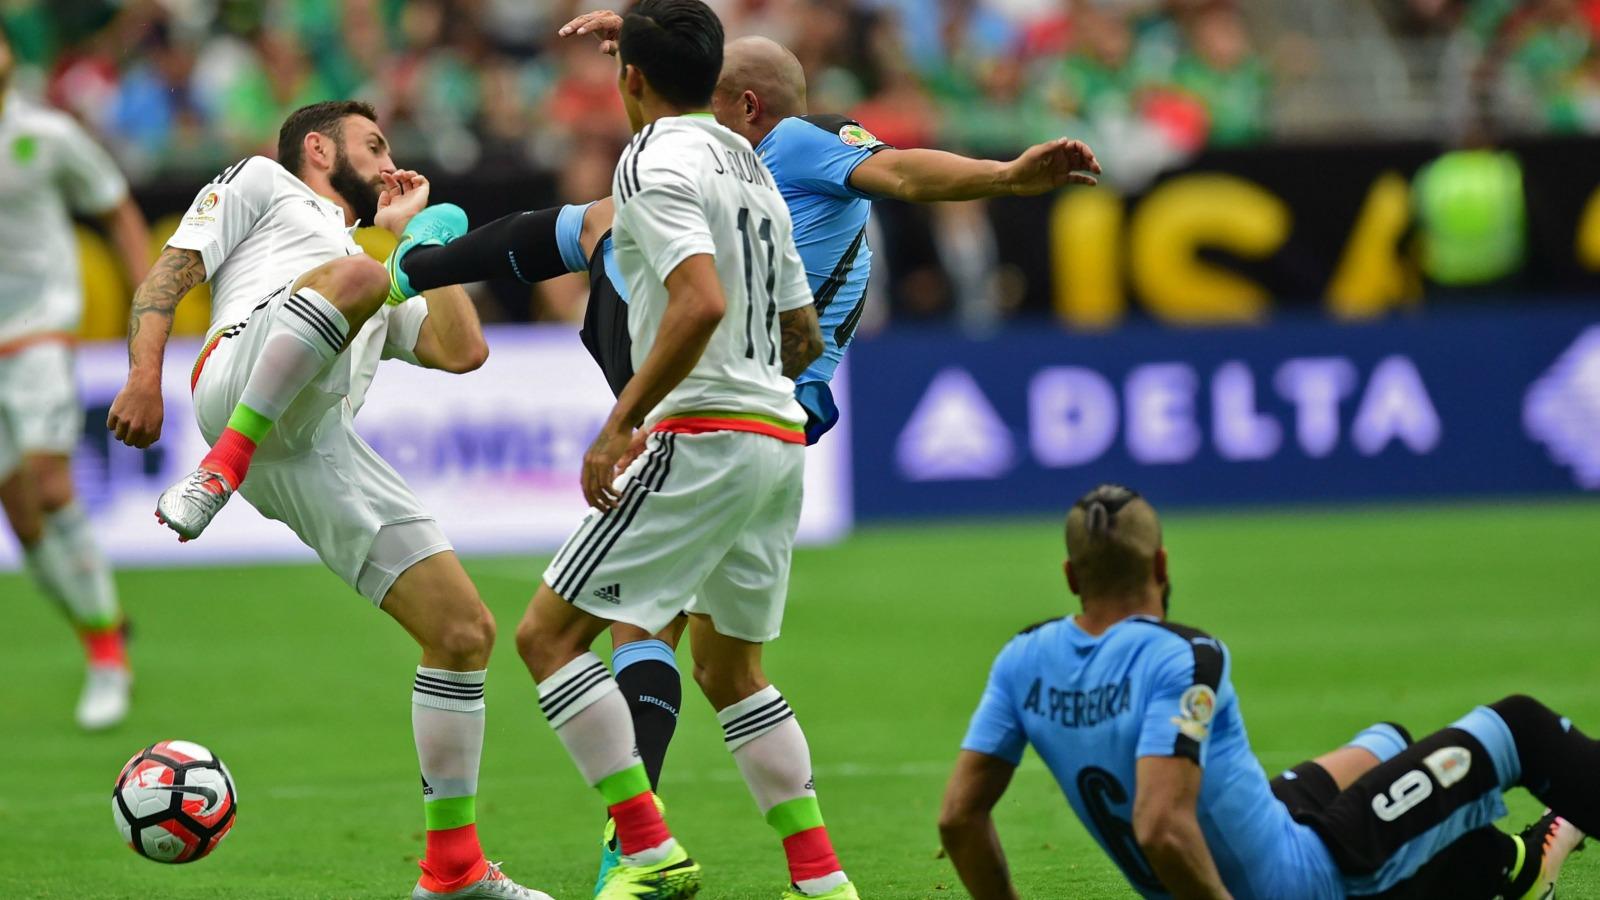 Todos los partidos jugados entre las selecciones nacionales de Uruguay y Rusia en la historia del Mundial de Fútbol incluyendo resumen estadístico los resultados